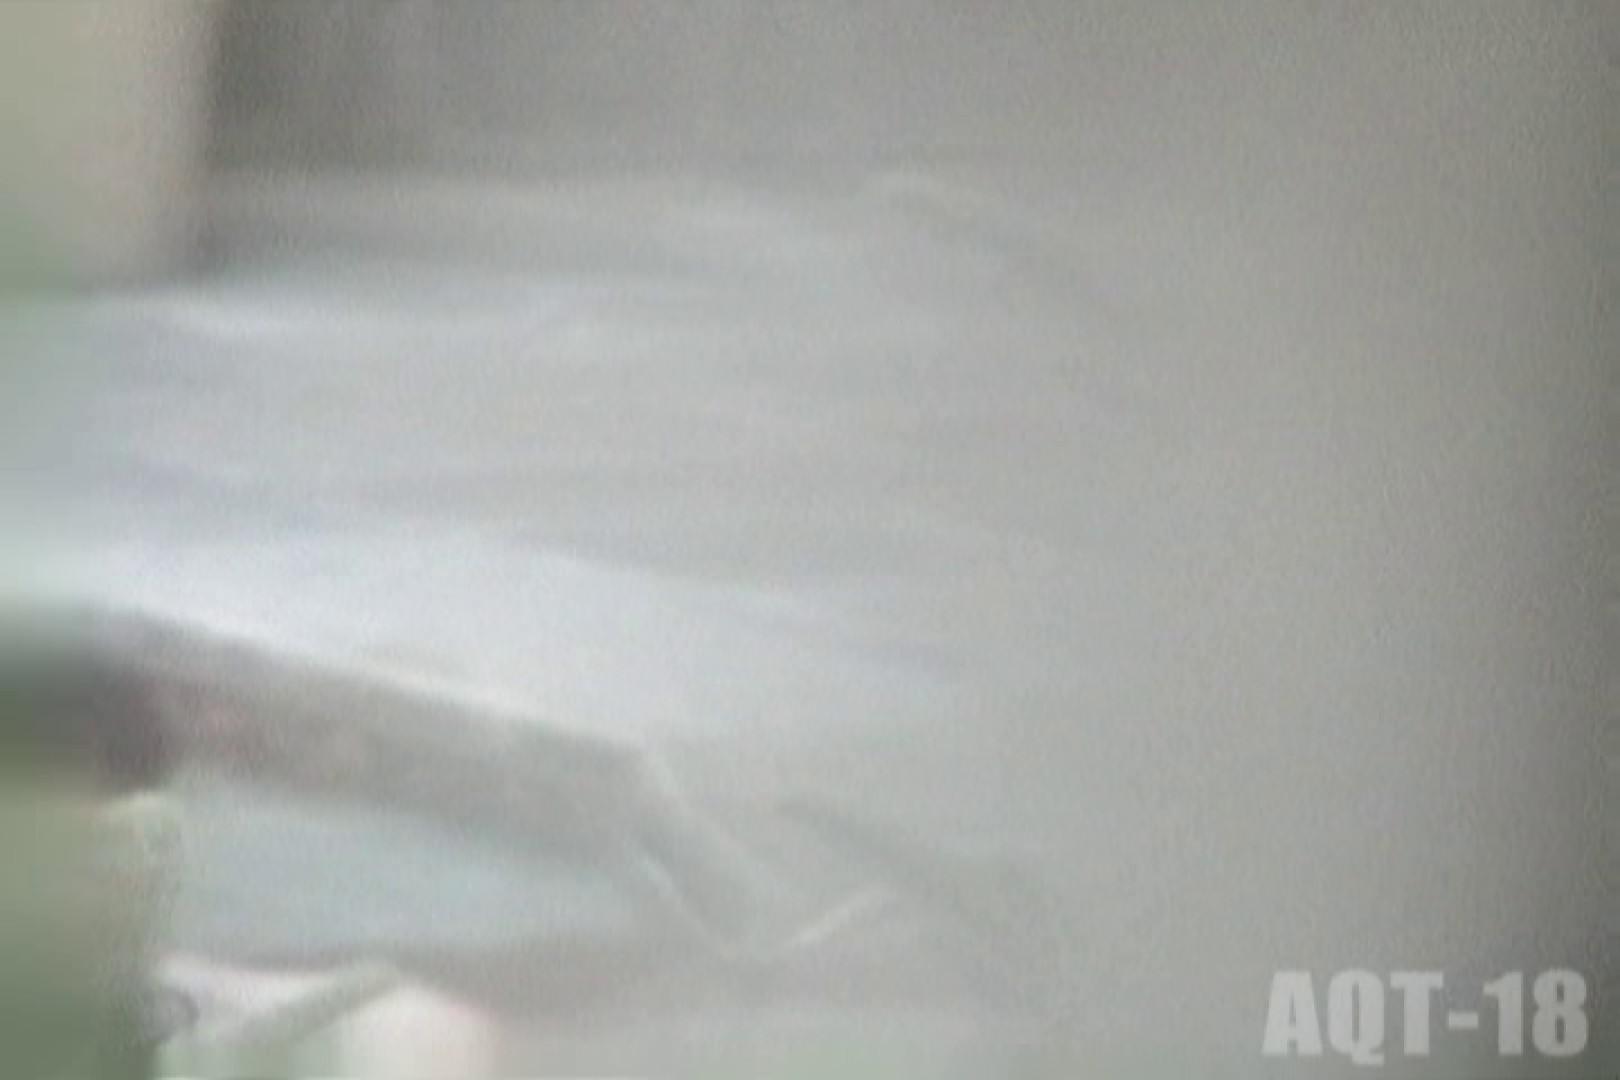 Aquaな露天風呂Vol.855 盗撮 セックス画像 67画像 47